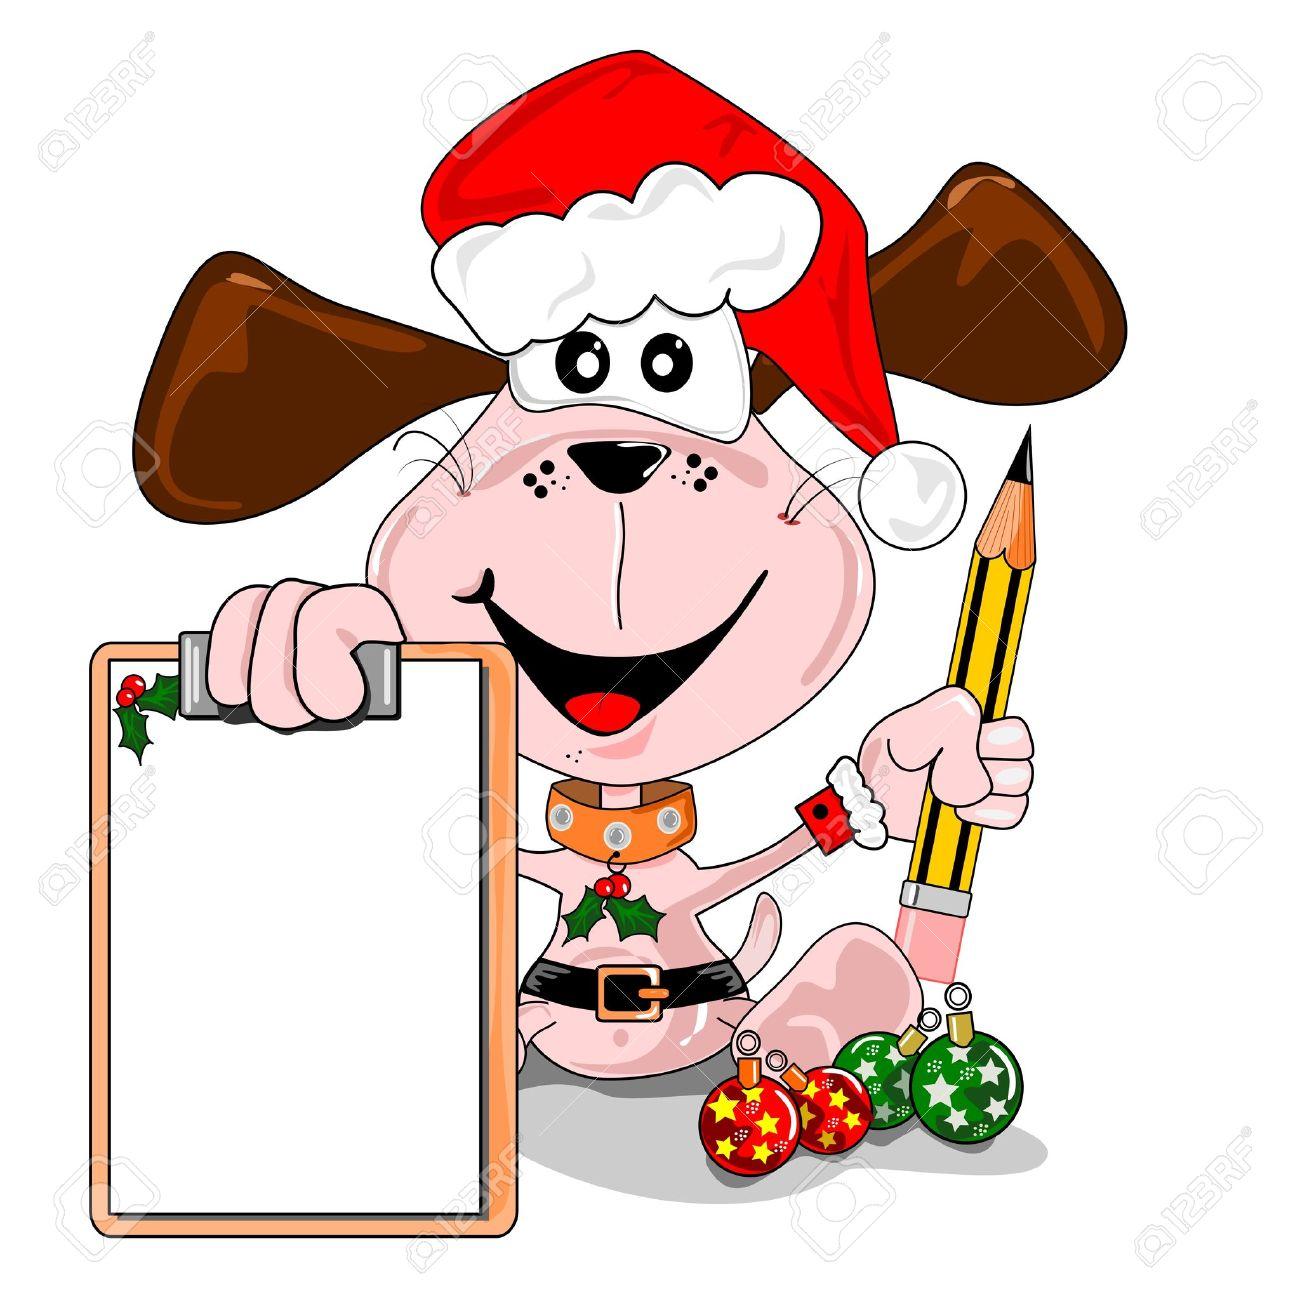 Cartoon dog with a blank Christmas wish list. Days to go. Stock Vector - 10833668